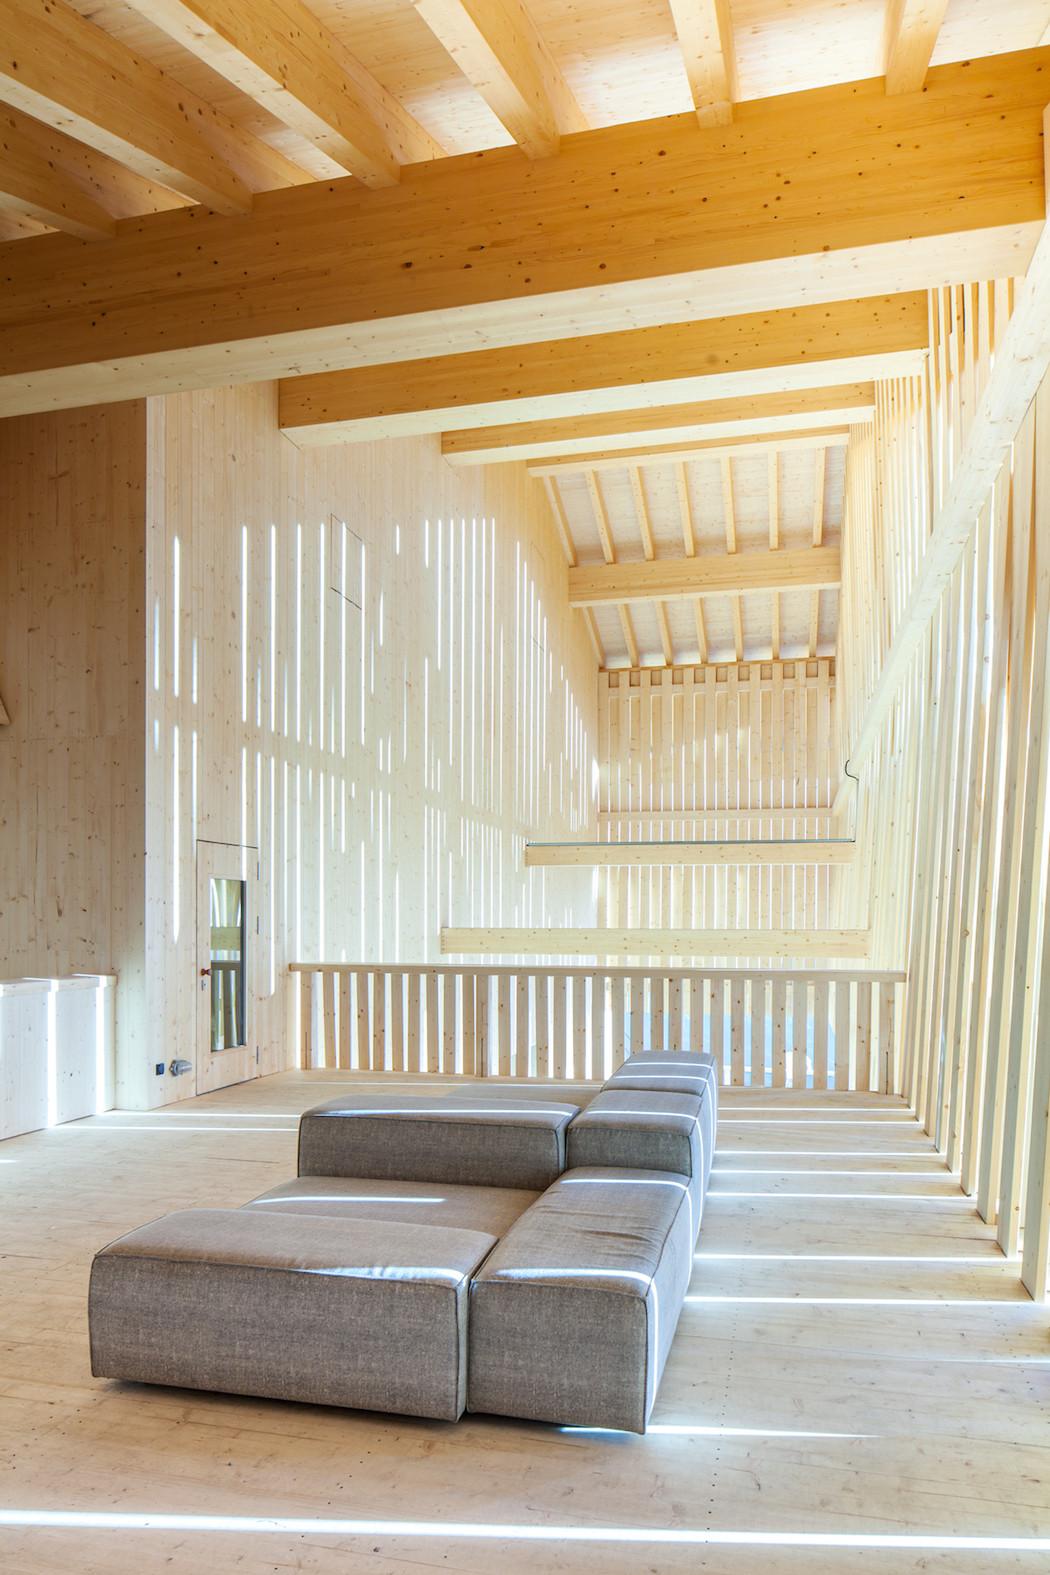 gipfelrestaurant_architecture_012-1050x1575